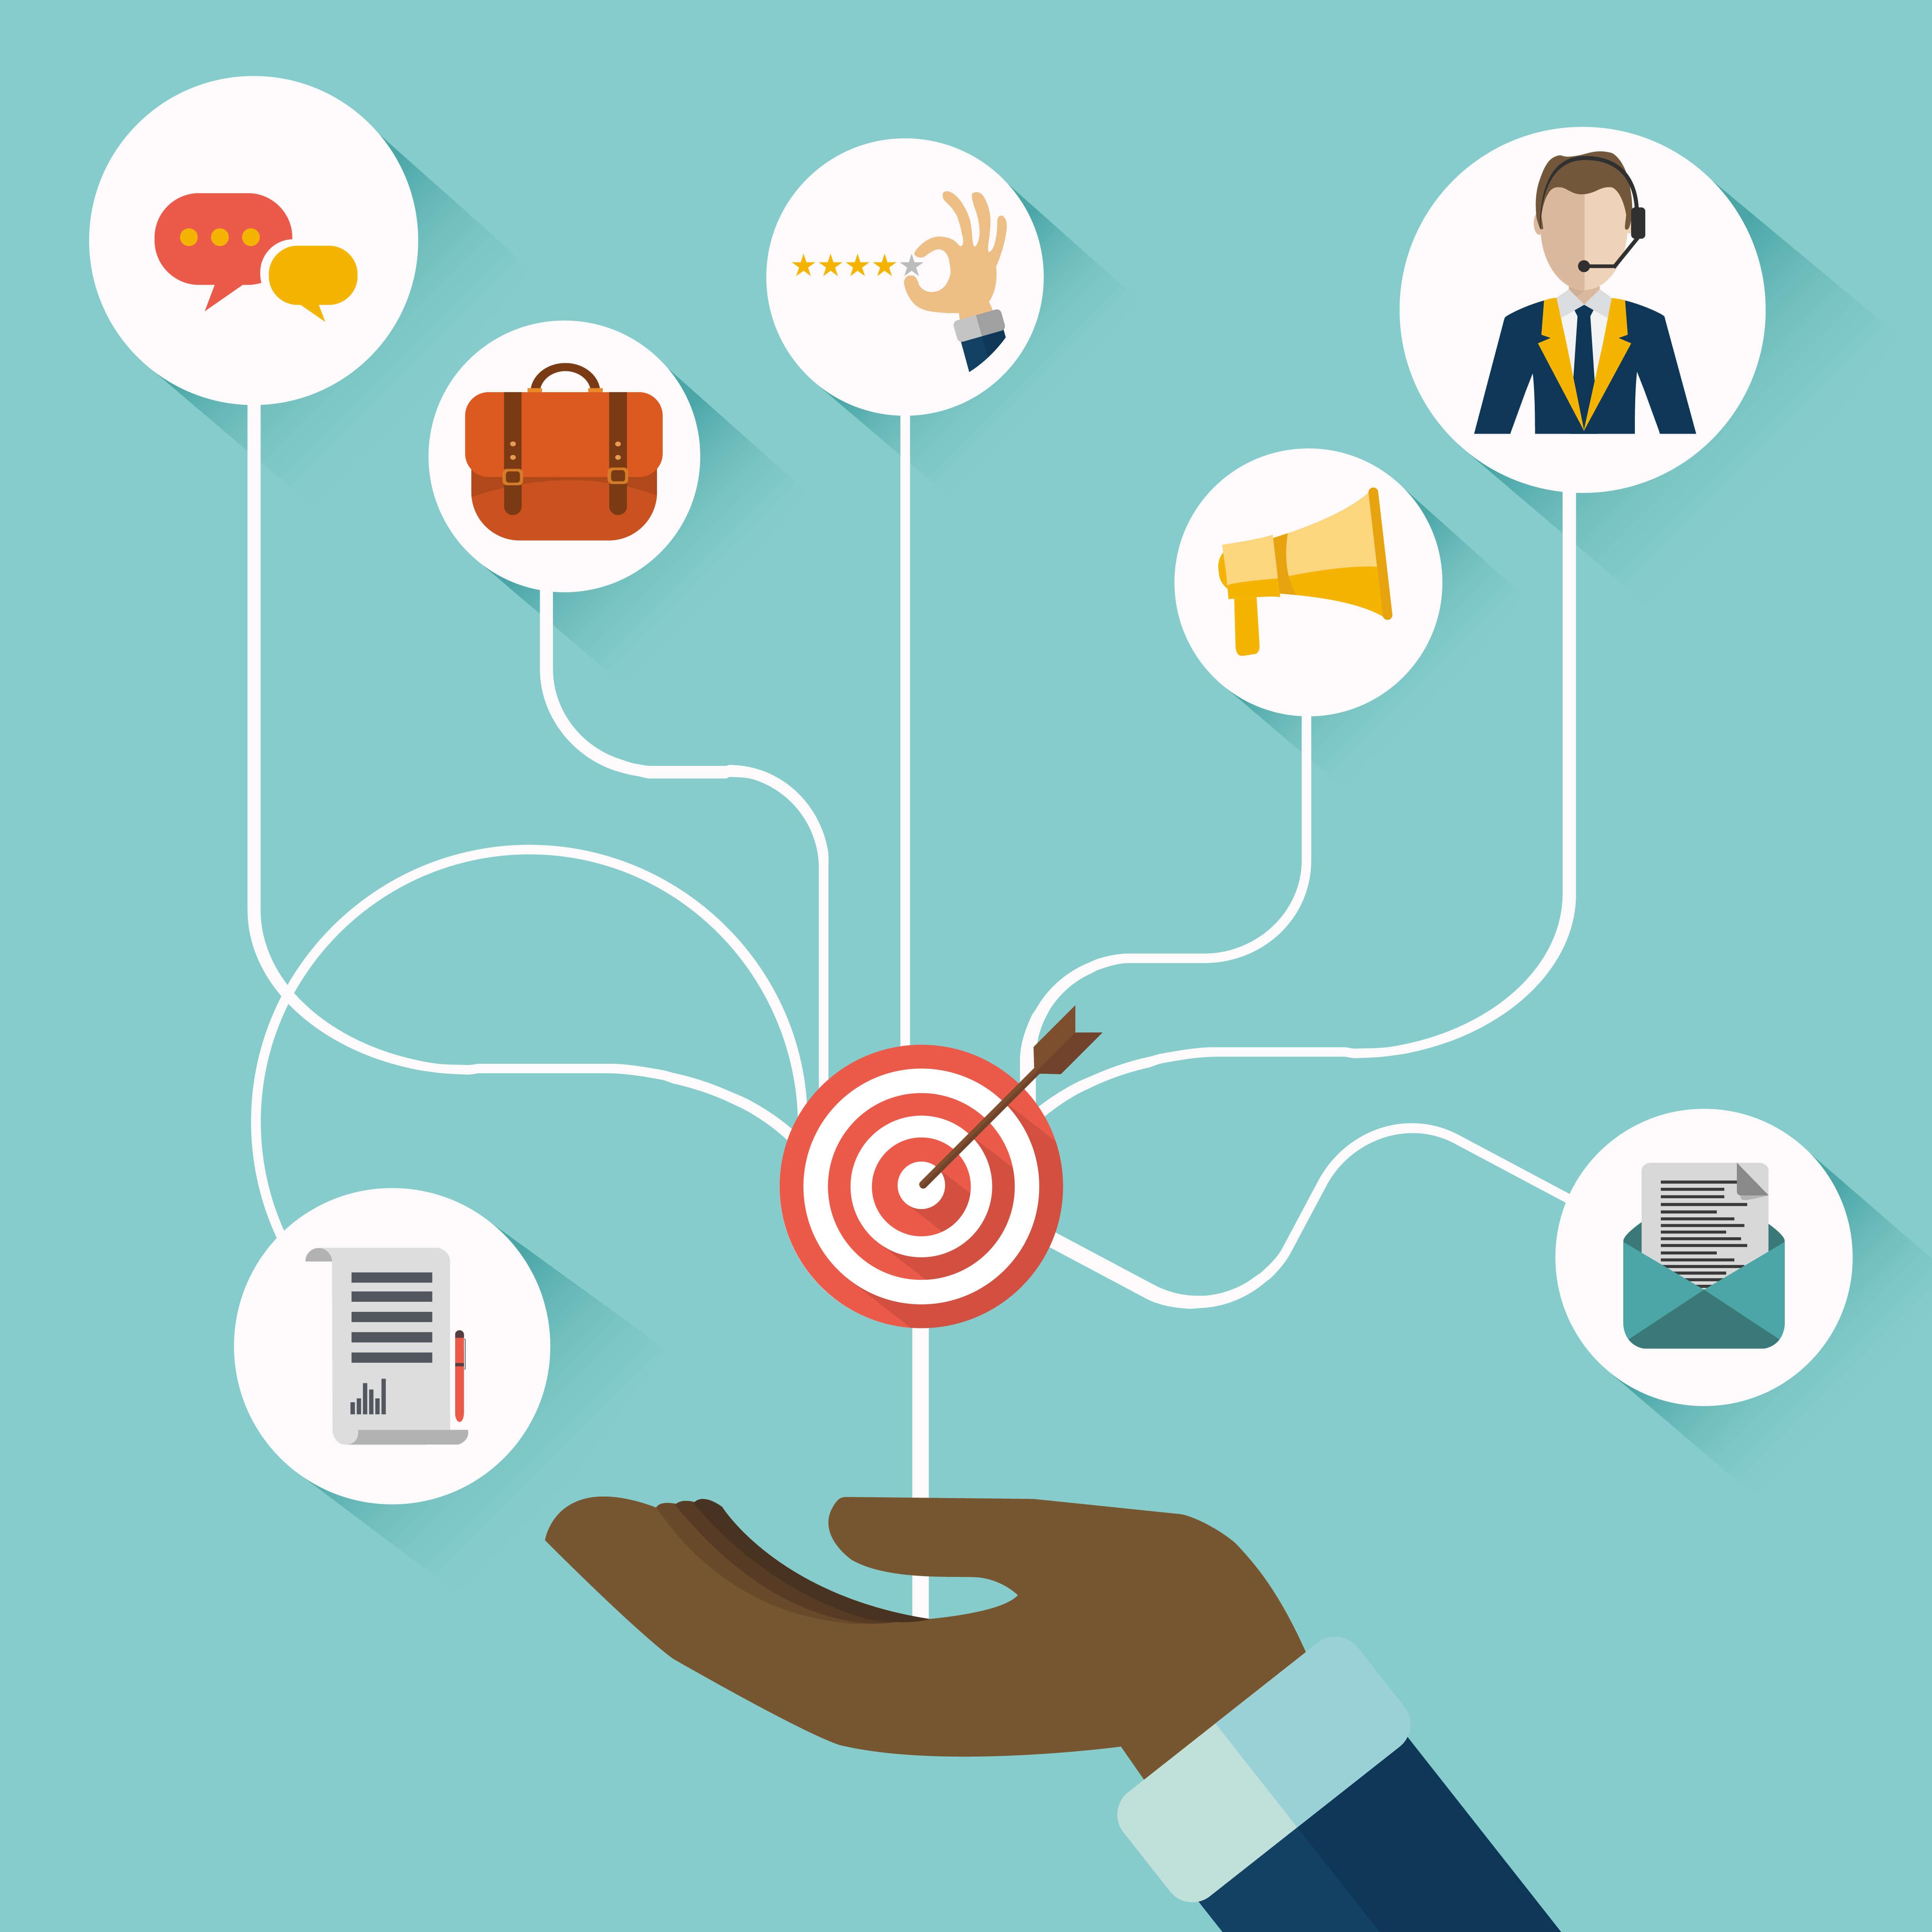 Que estratégia de Marketing de Relacionamento você utiliza?